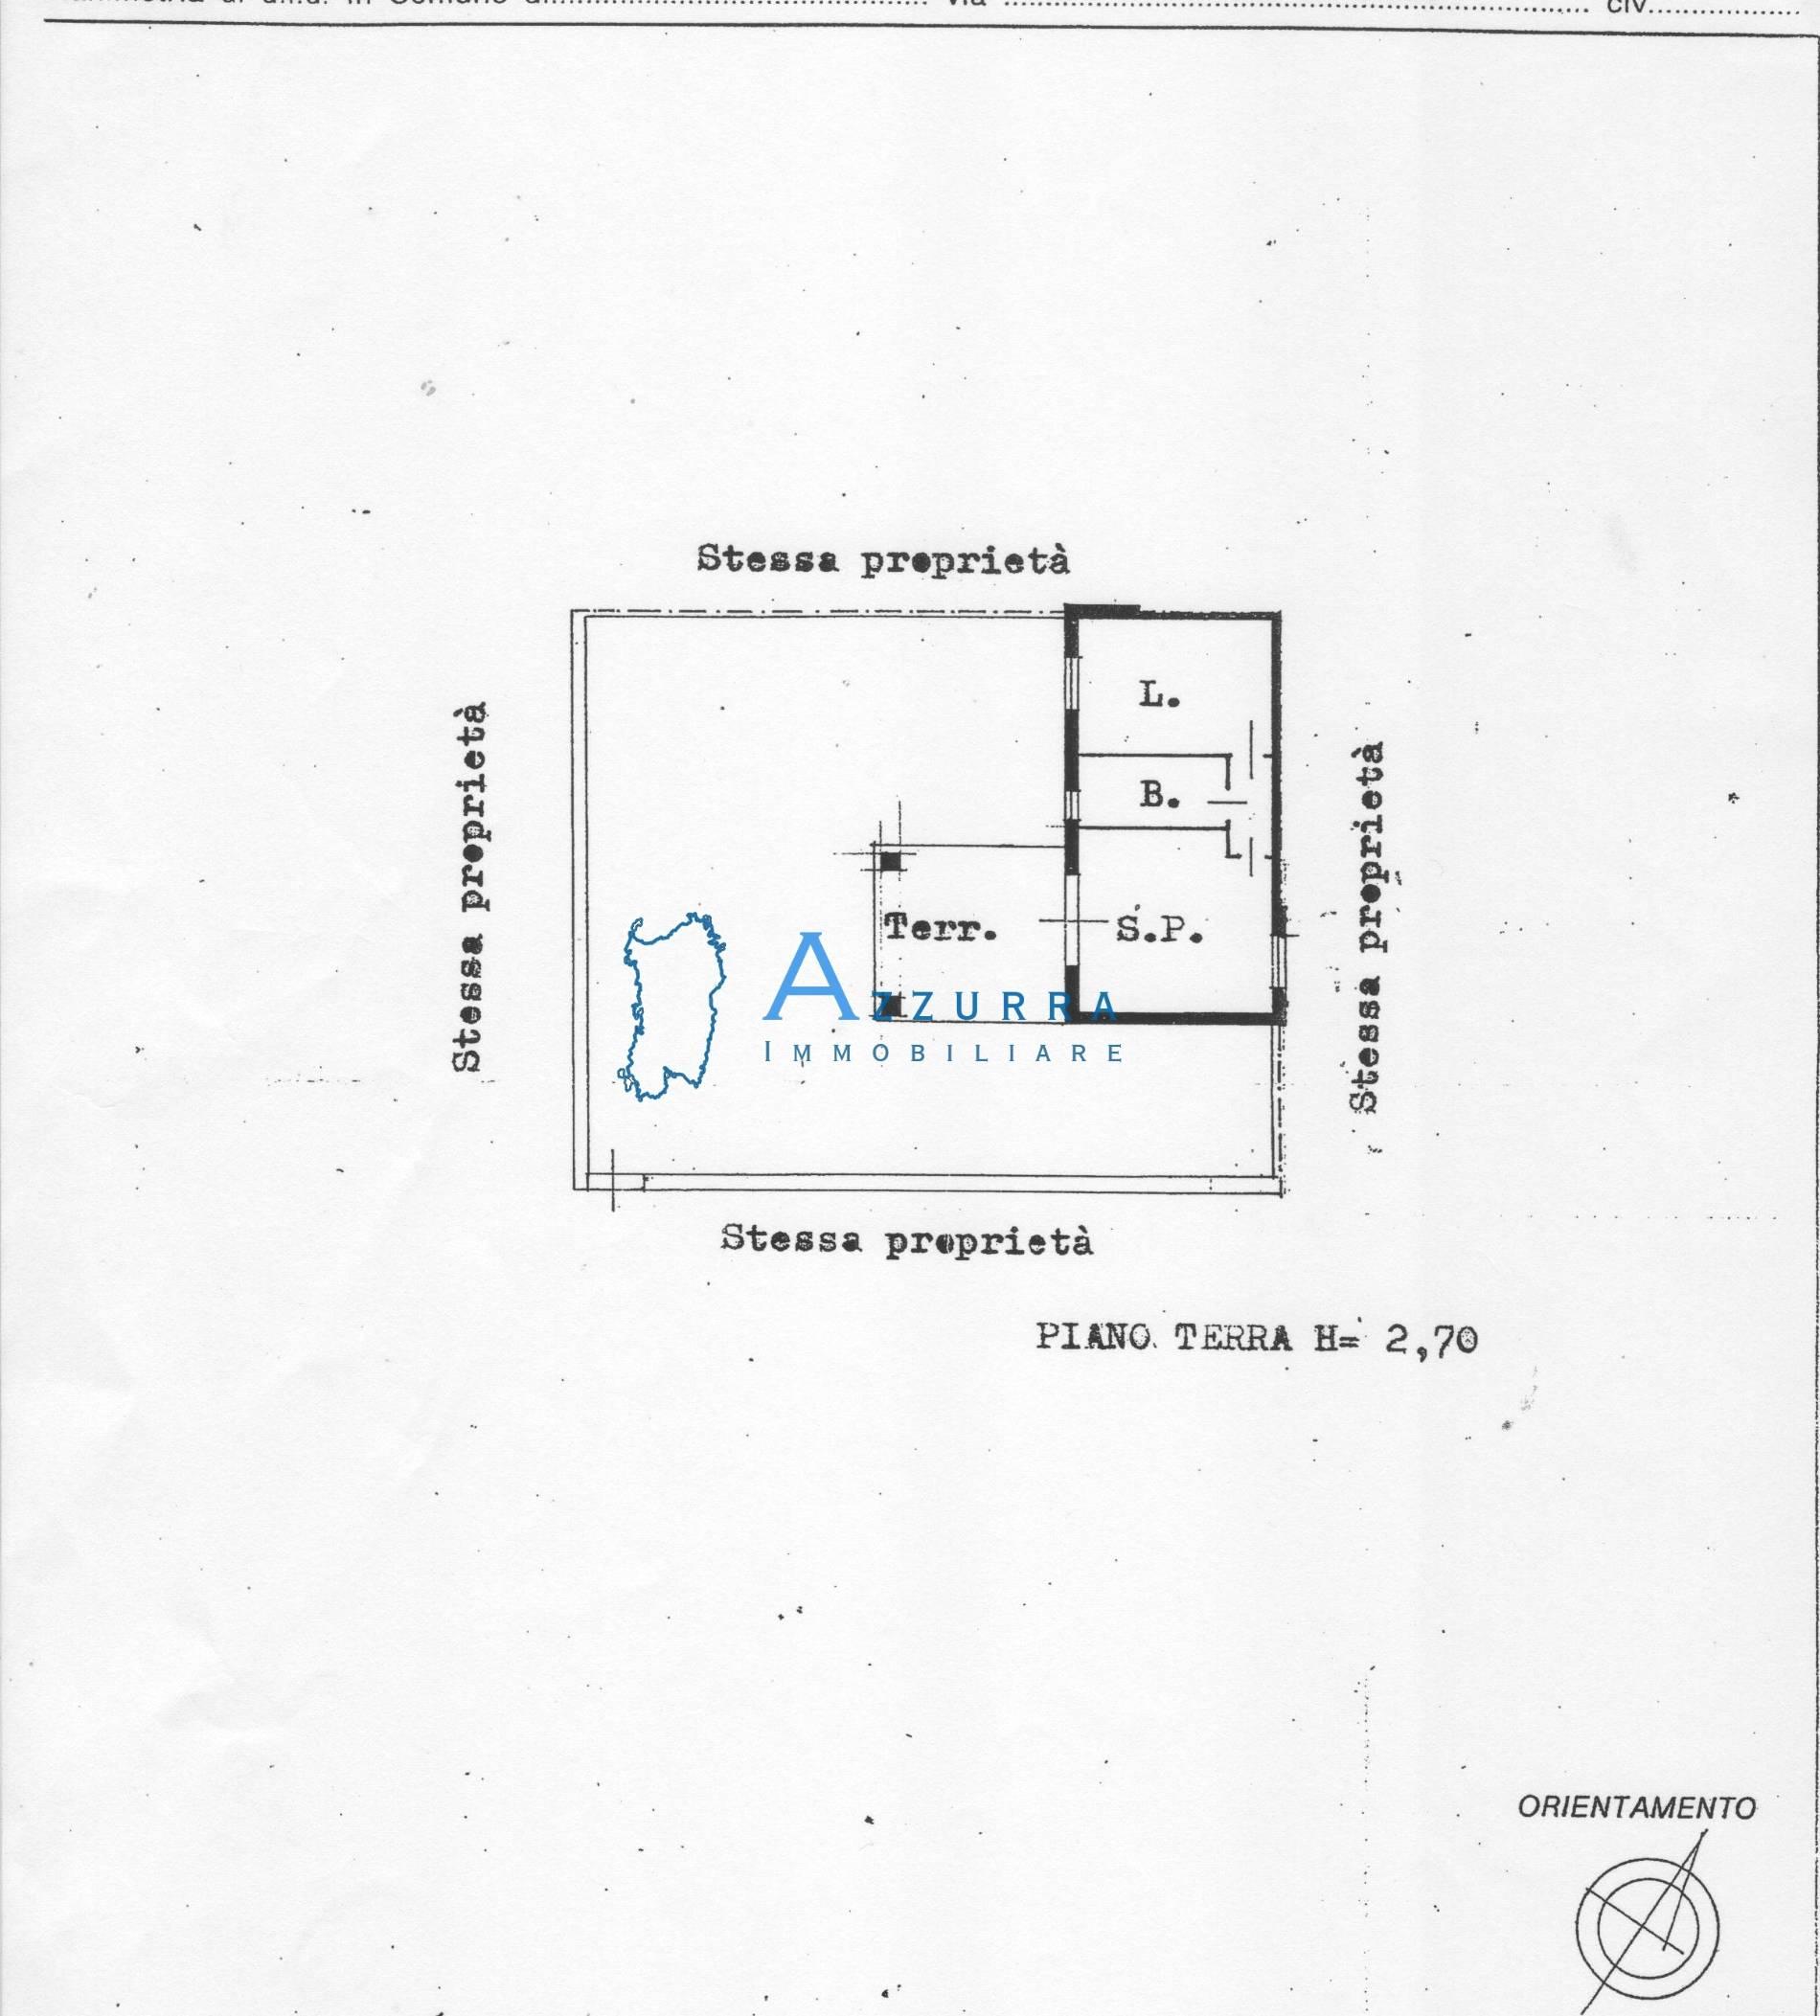 Punta dell isolotto villino vicino al mare azzurra for Deckplan com piani di coperta gratuiti